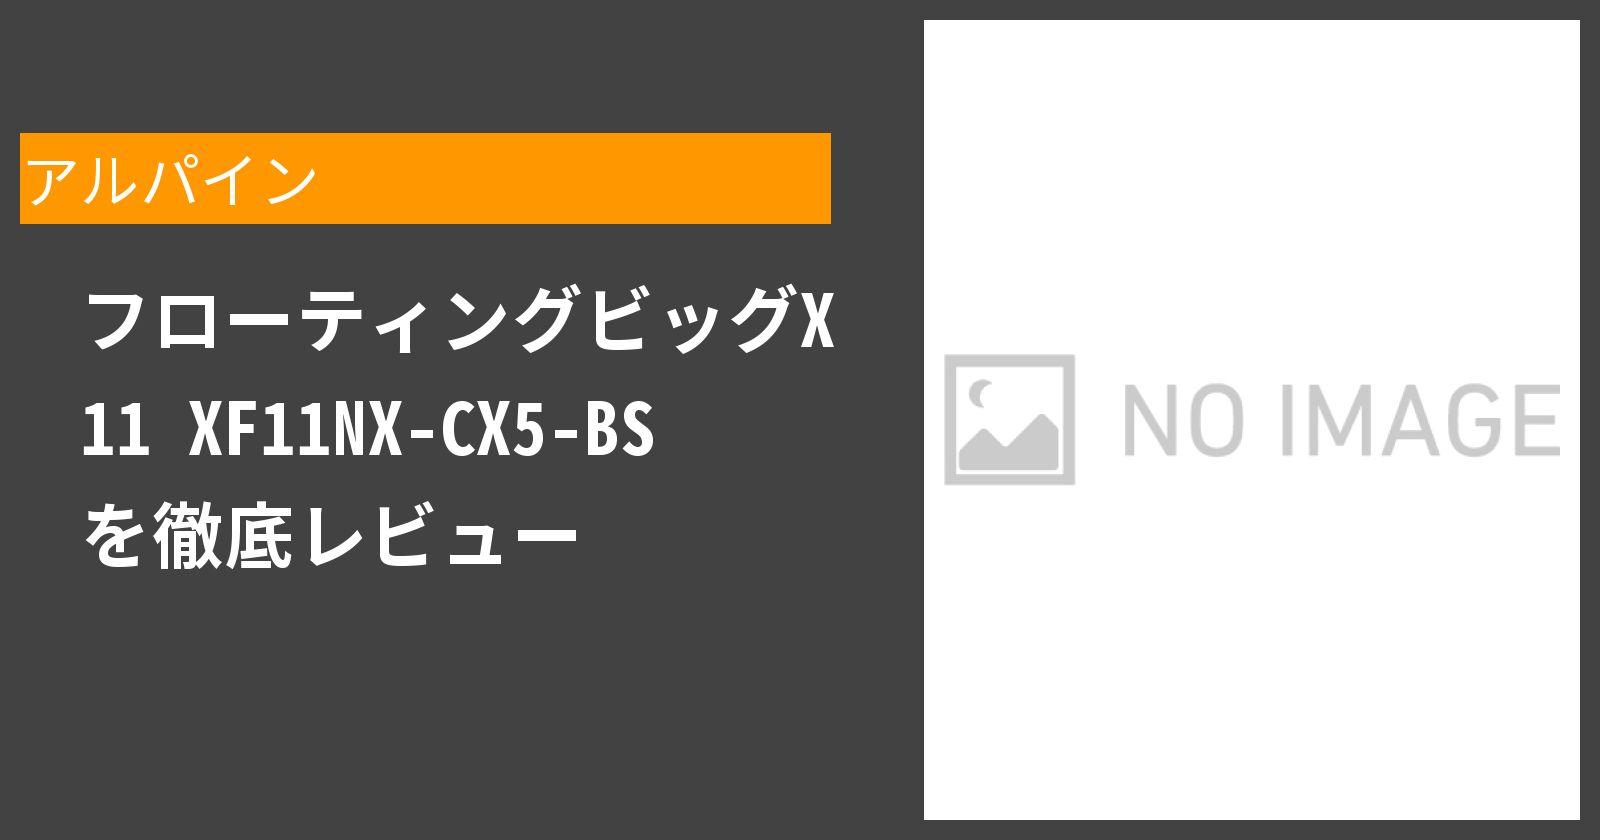 フローティングビッグX 11 XF11NX-CX5-BSを徹底評価